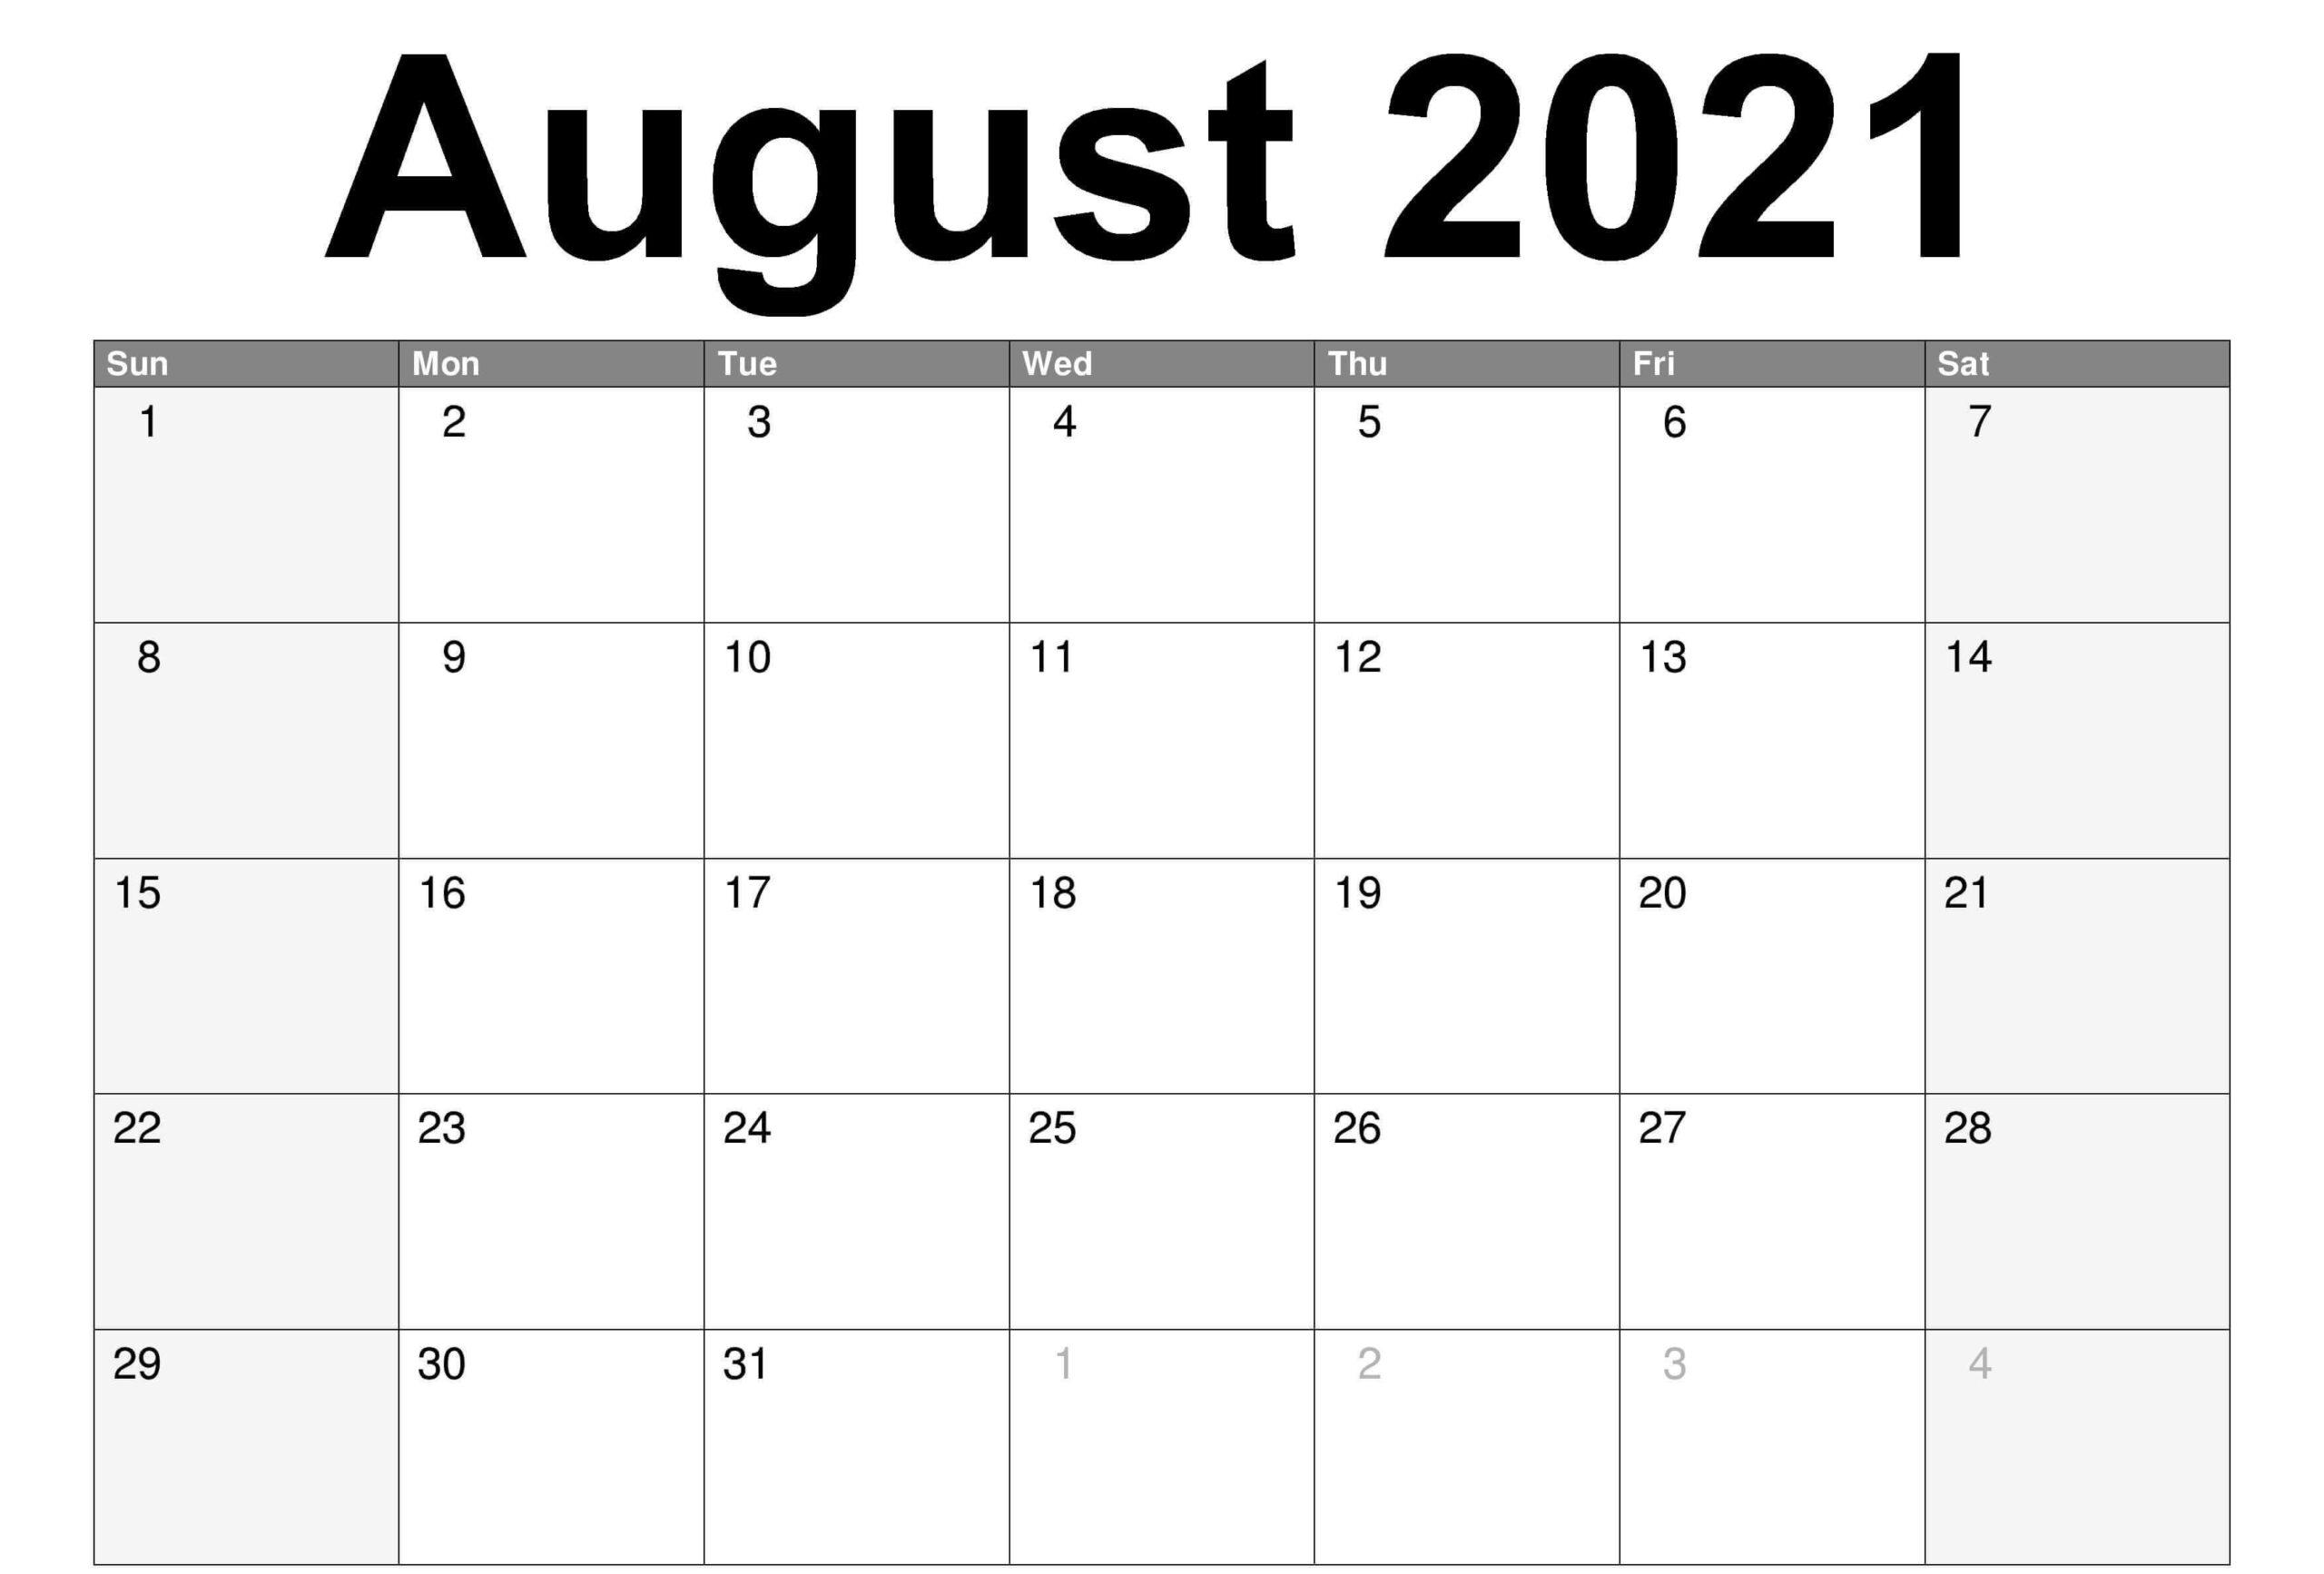 August 2021 Blank Calendar Template